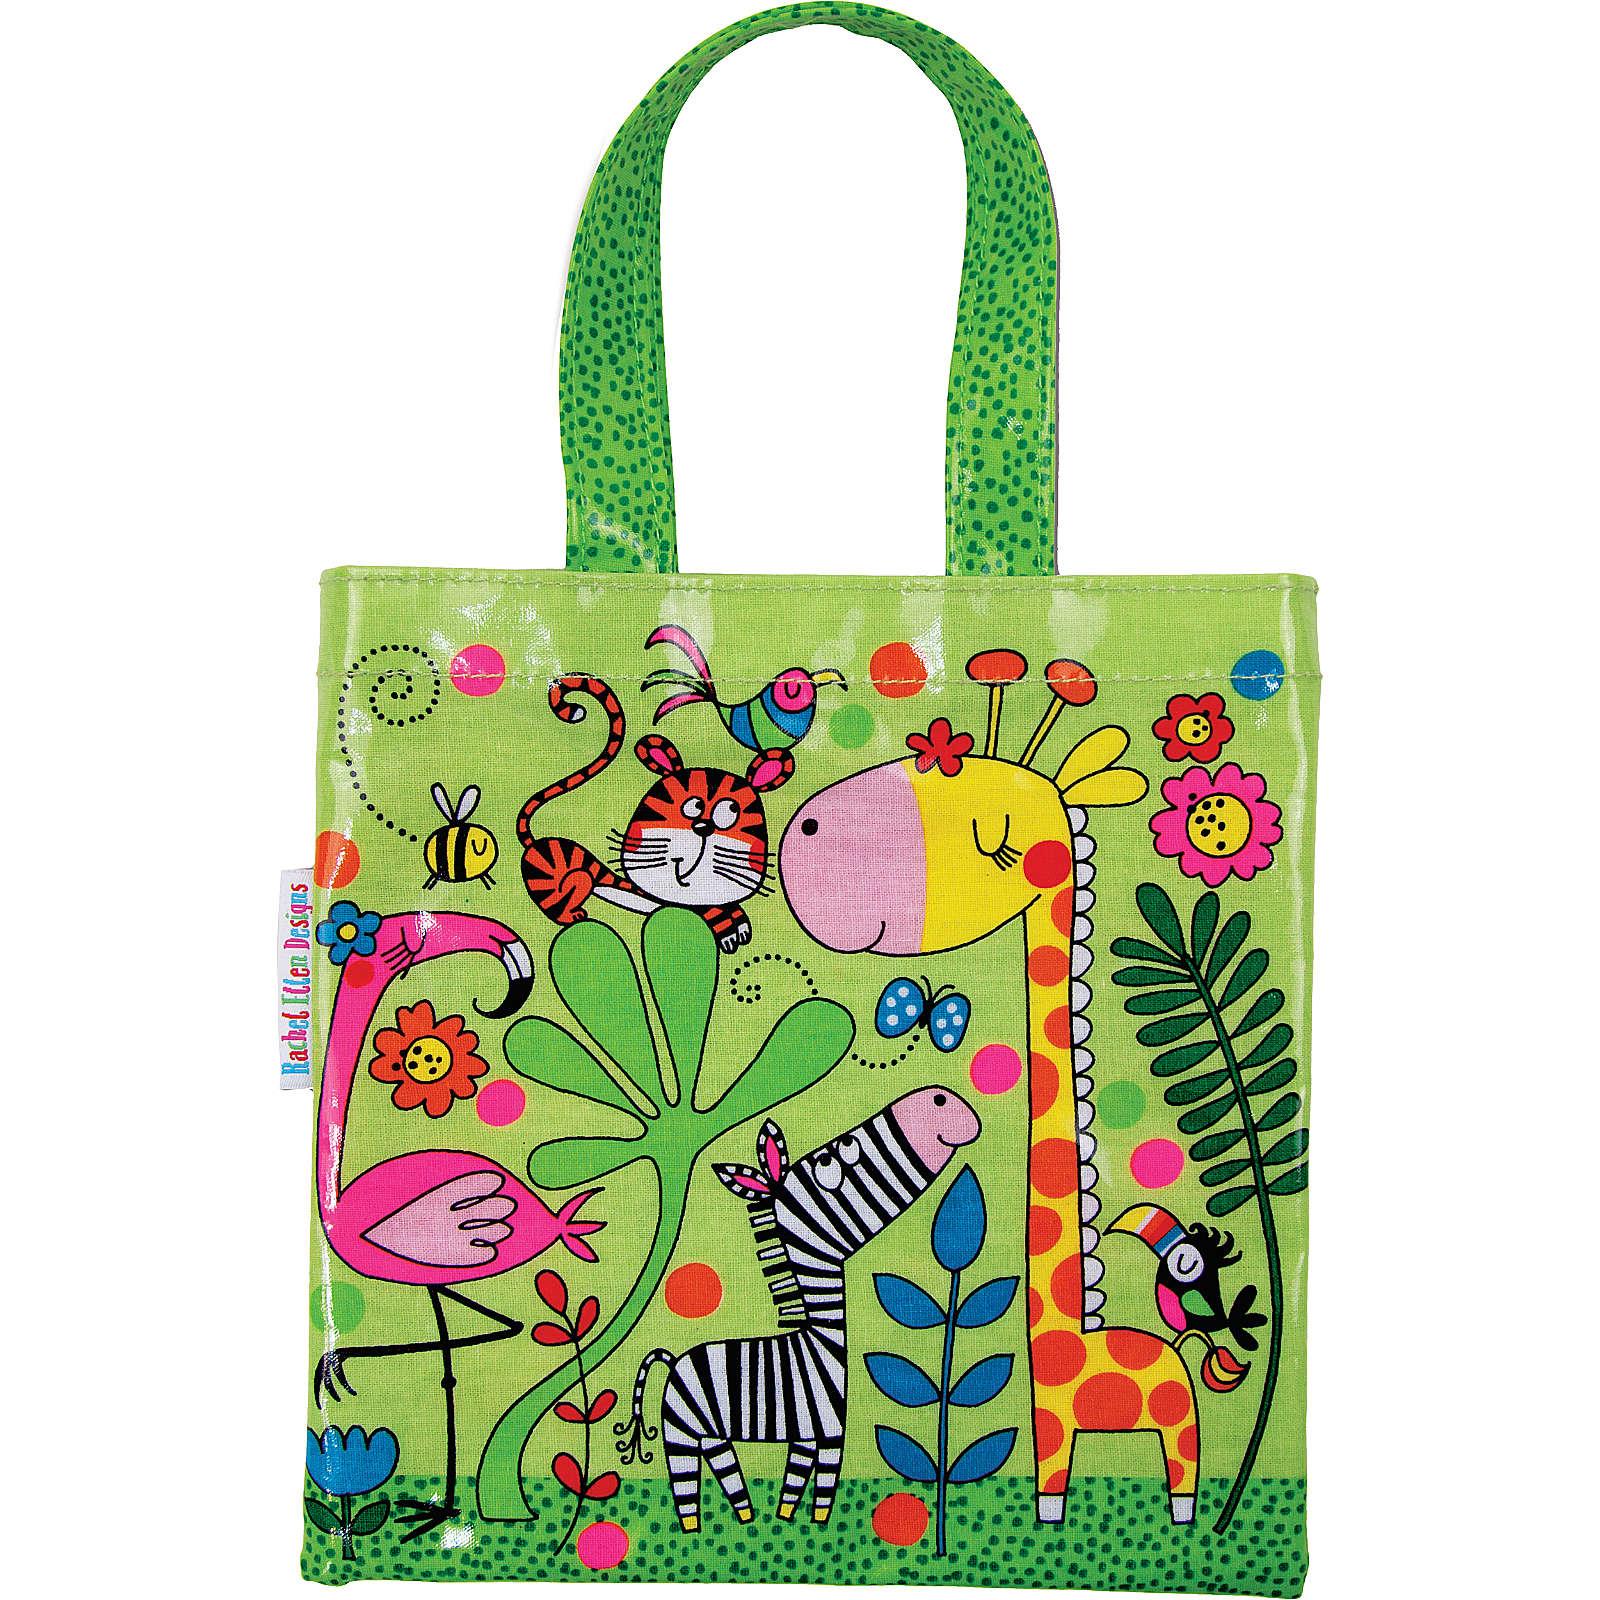 PARTYSTROLCHE® Shopper Mini-Tragetasche Dschungel, 20 x 20 cm hellgrün